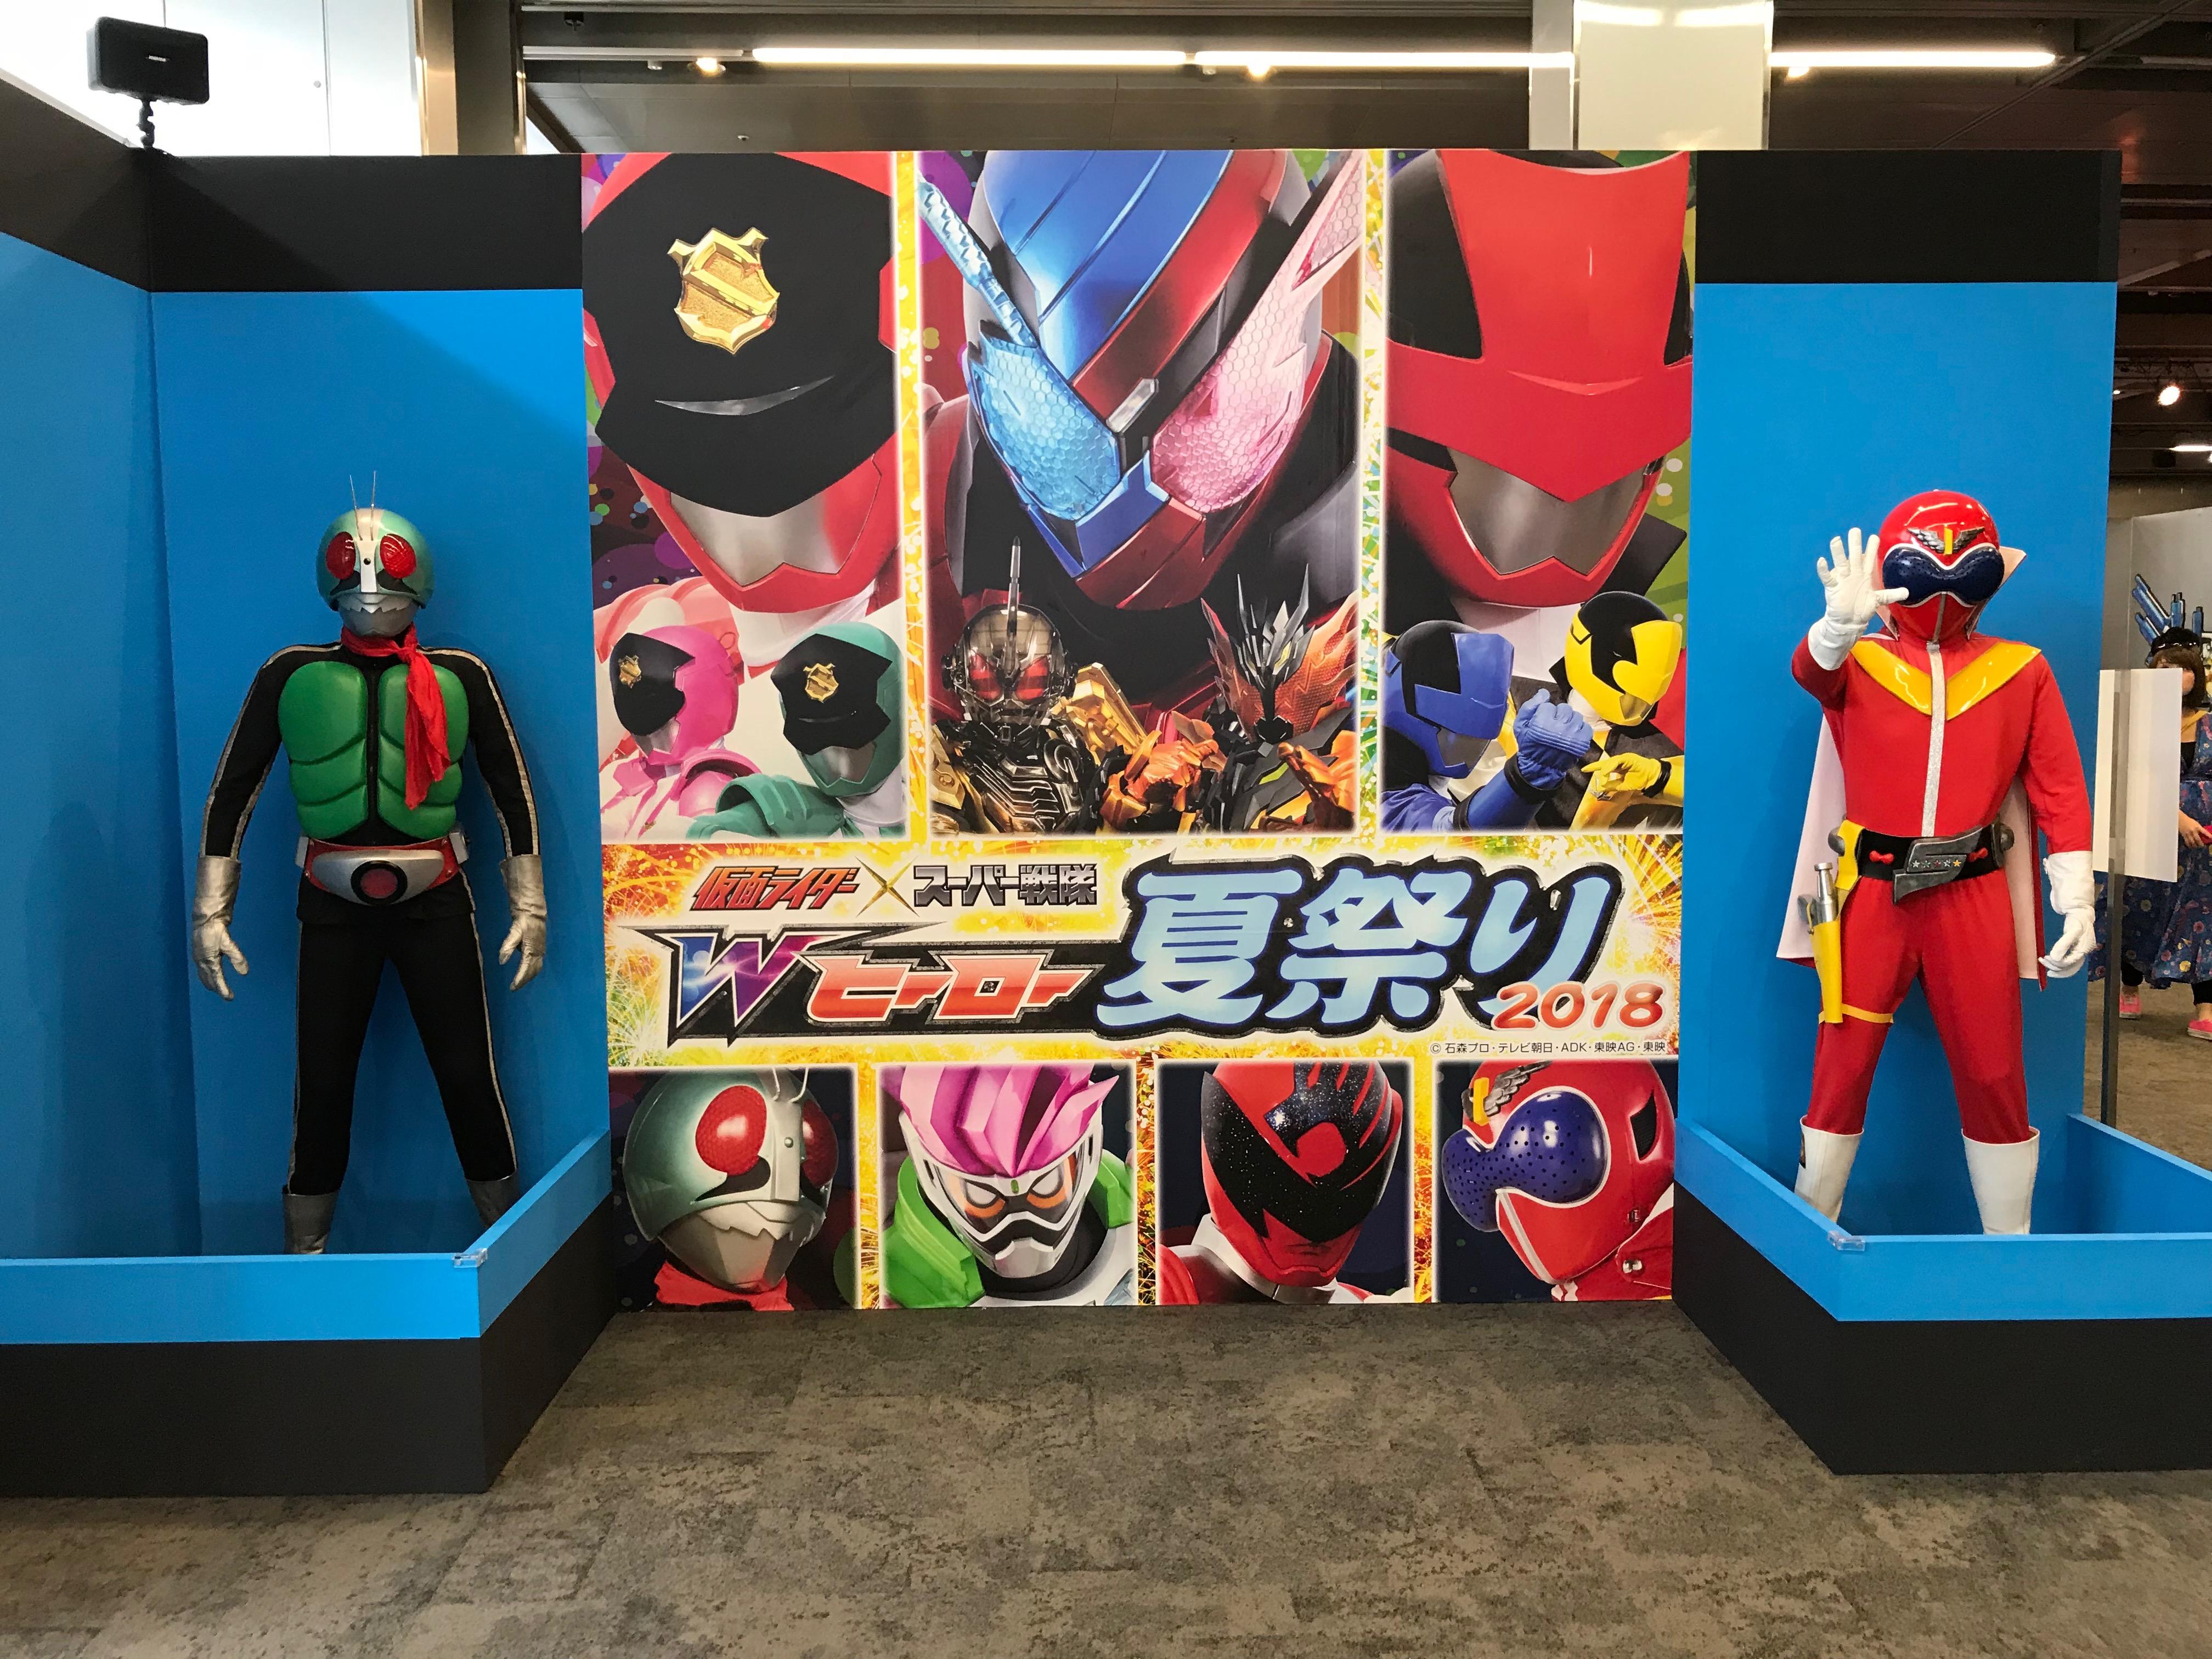 東京 ドーム シティ ヒーロー ショー